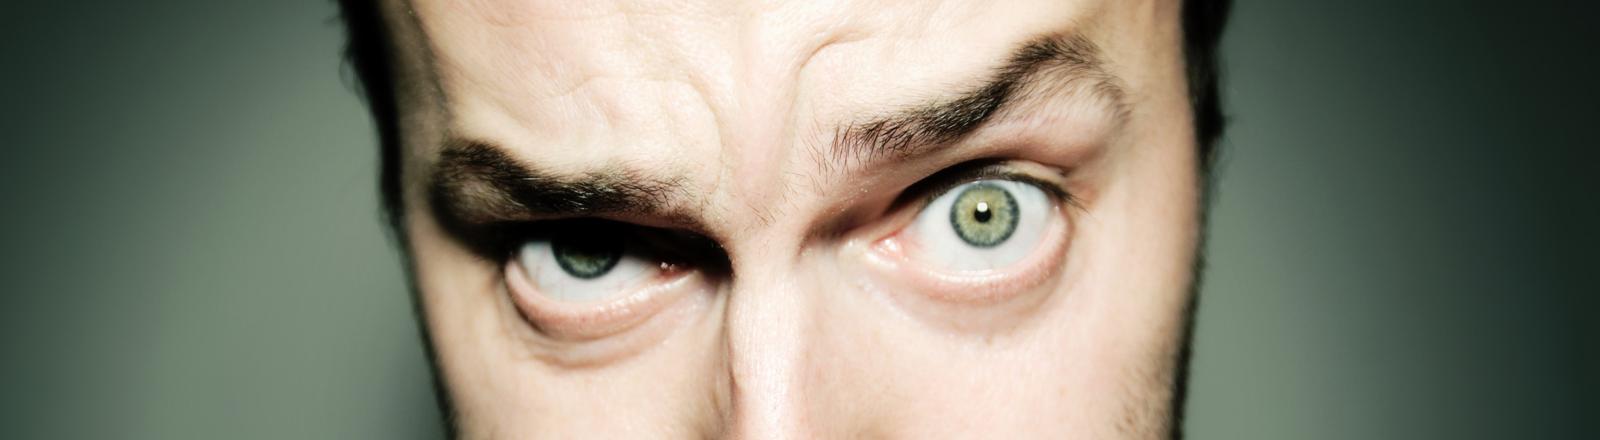 Ein Mann guckt zweifelnd mit hochgezogener Augenbraue